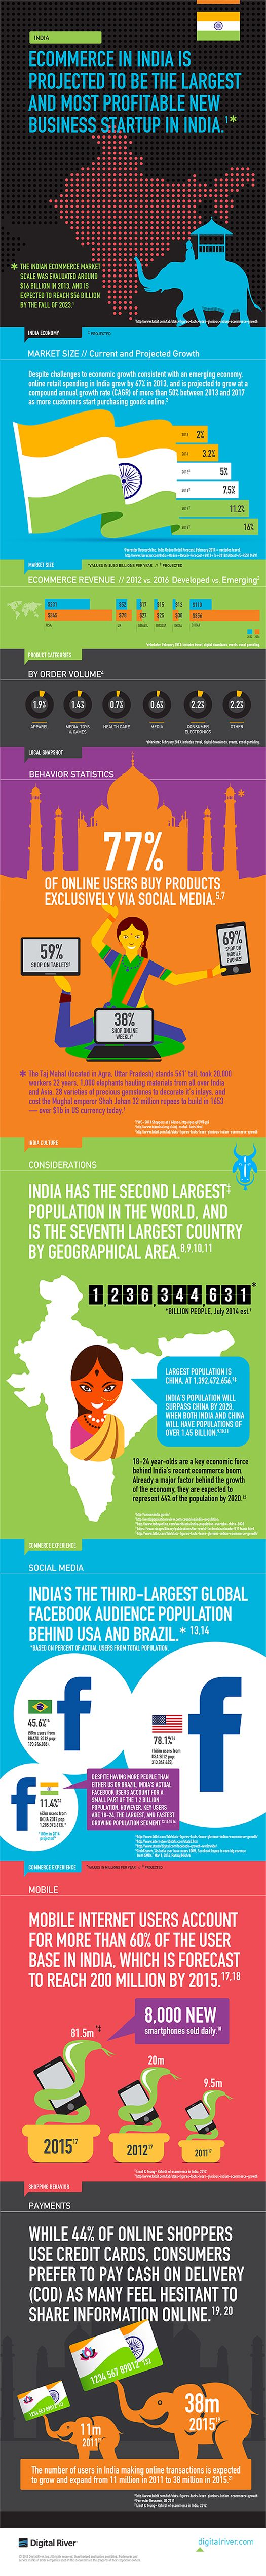 INFOGRAPHIC: INDIA ECOMMERCE MARKET